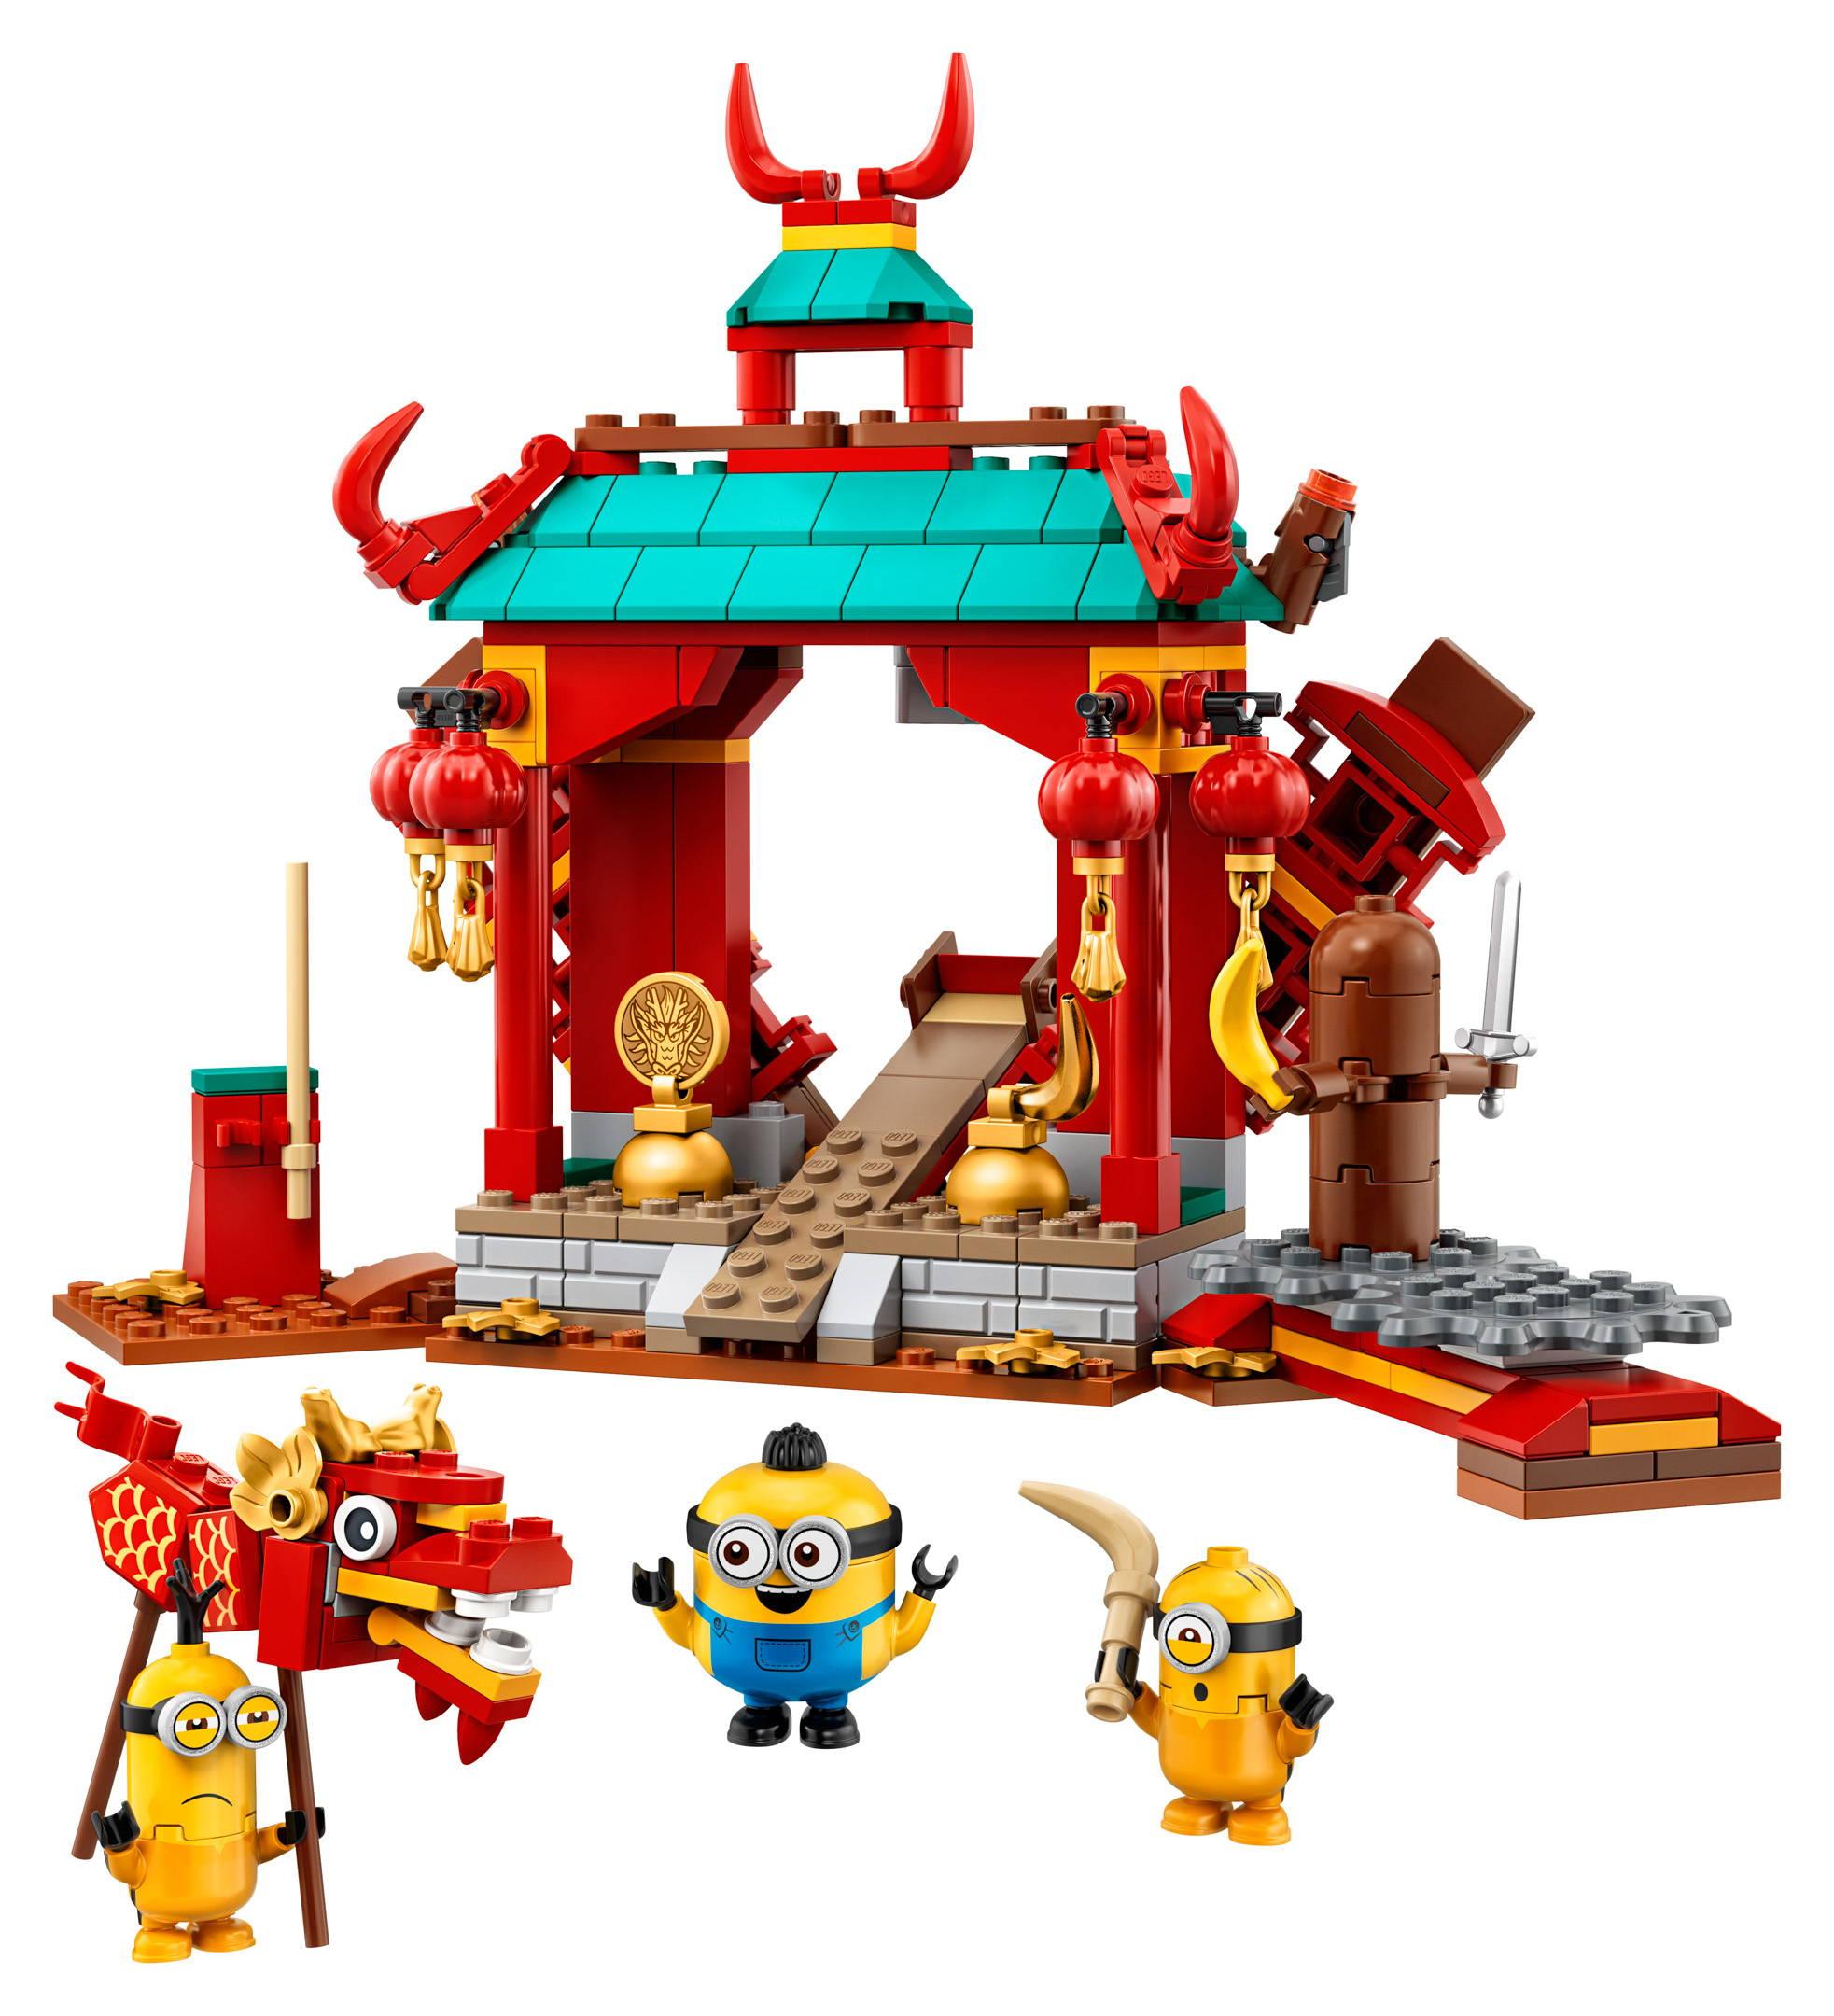 Minions Kung-fu Battle